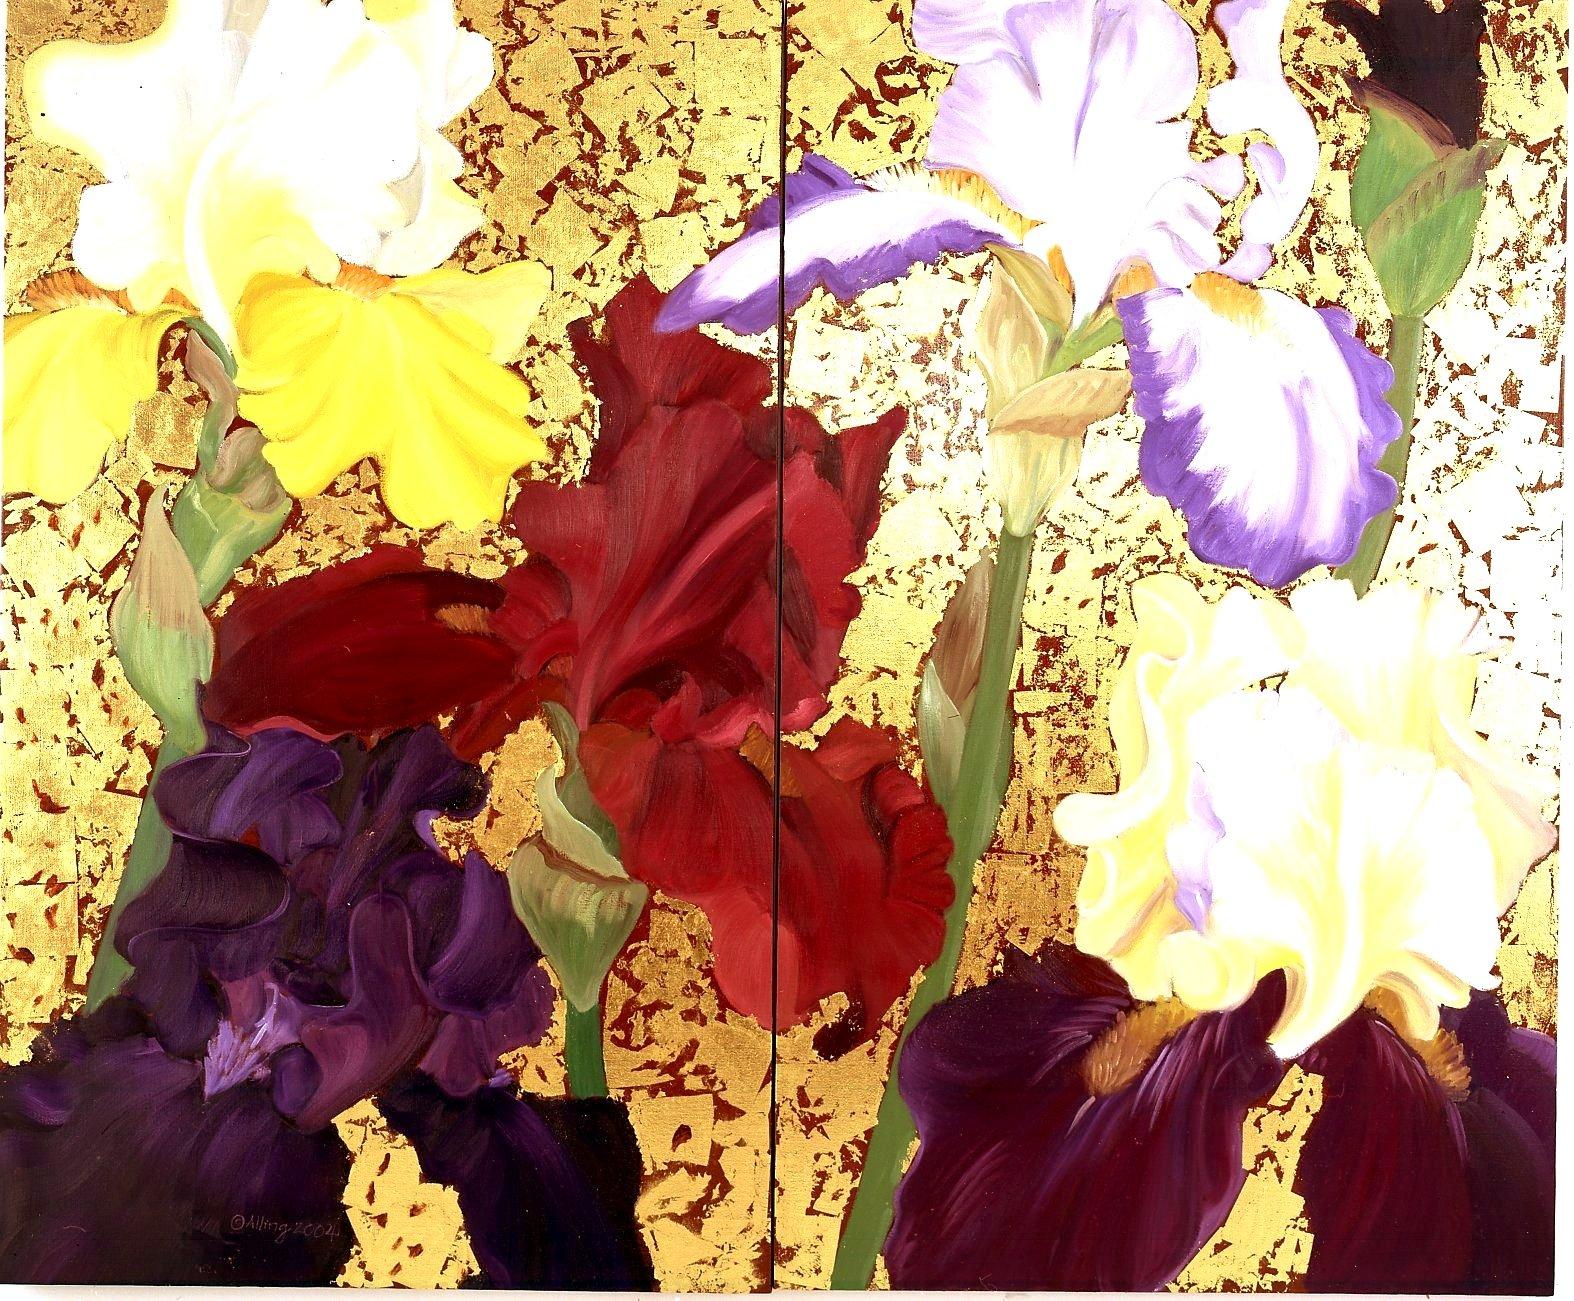 24k Gold Leaf Booklet (25 sheets/ Loose Type) by L.A. Gold Leaf (Image #9)